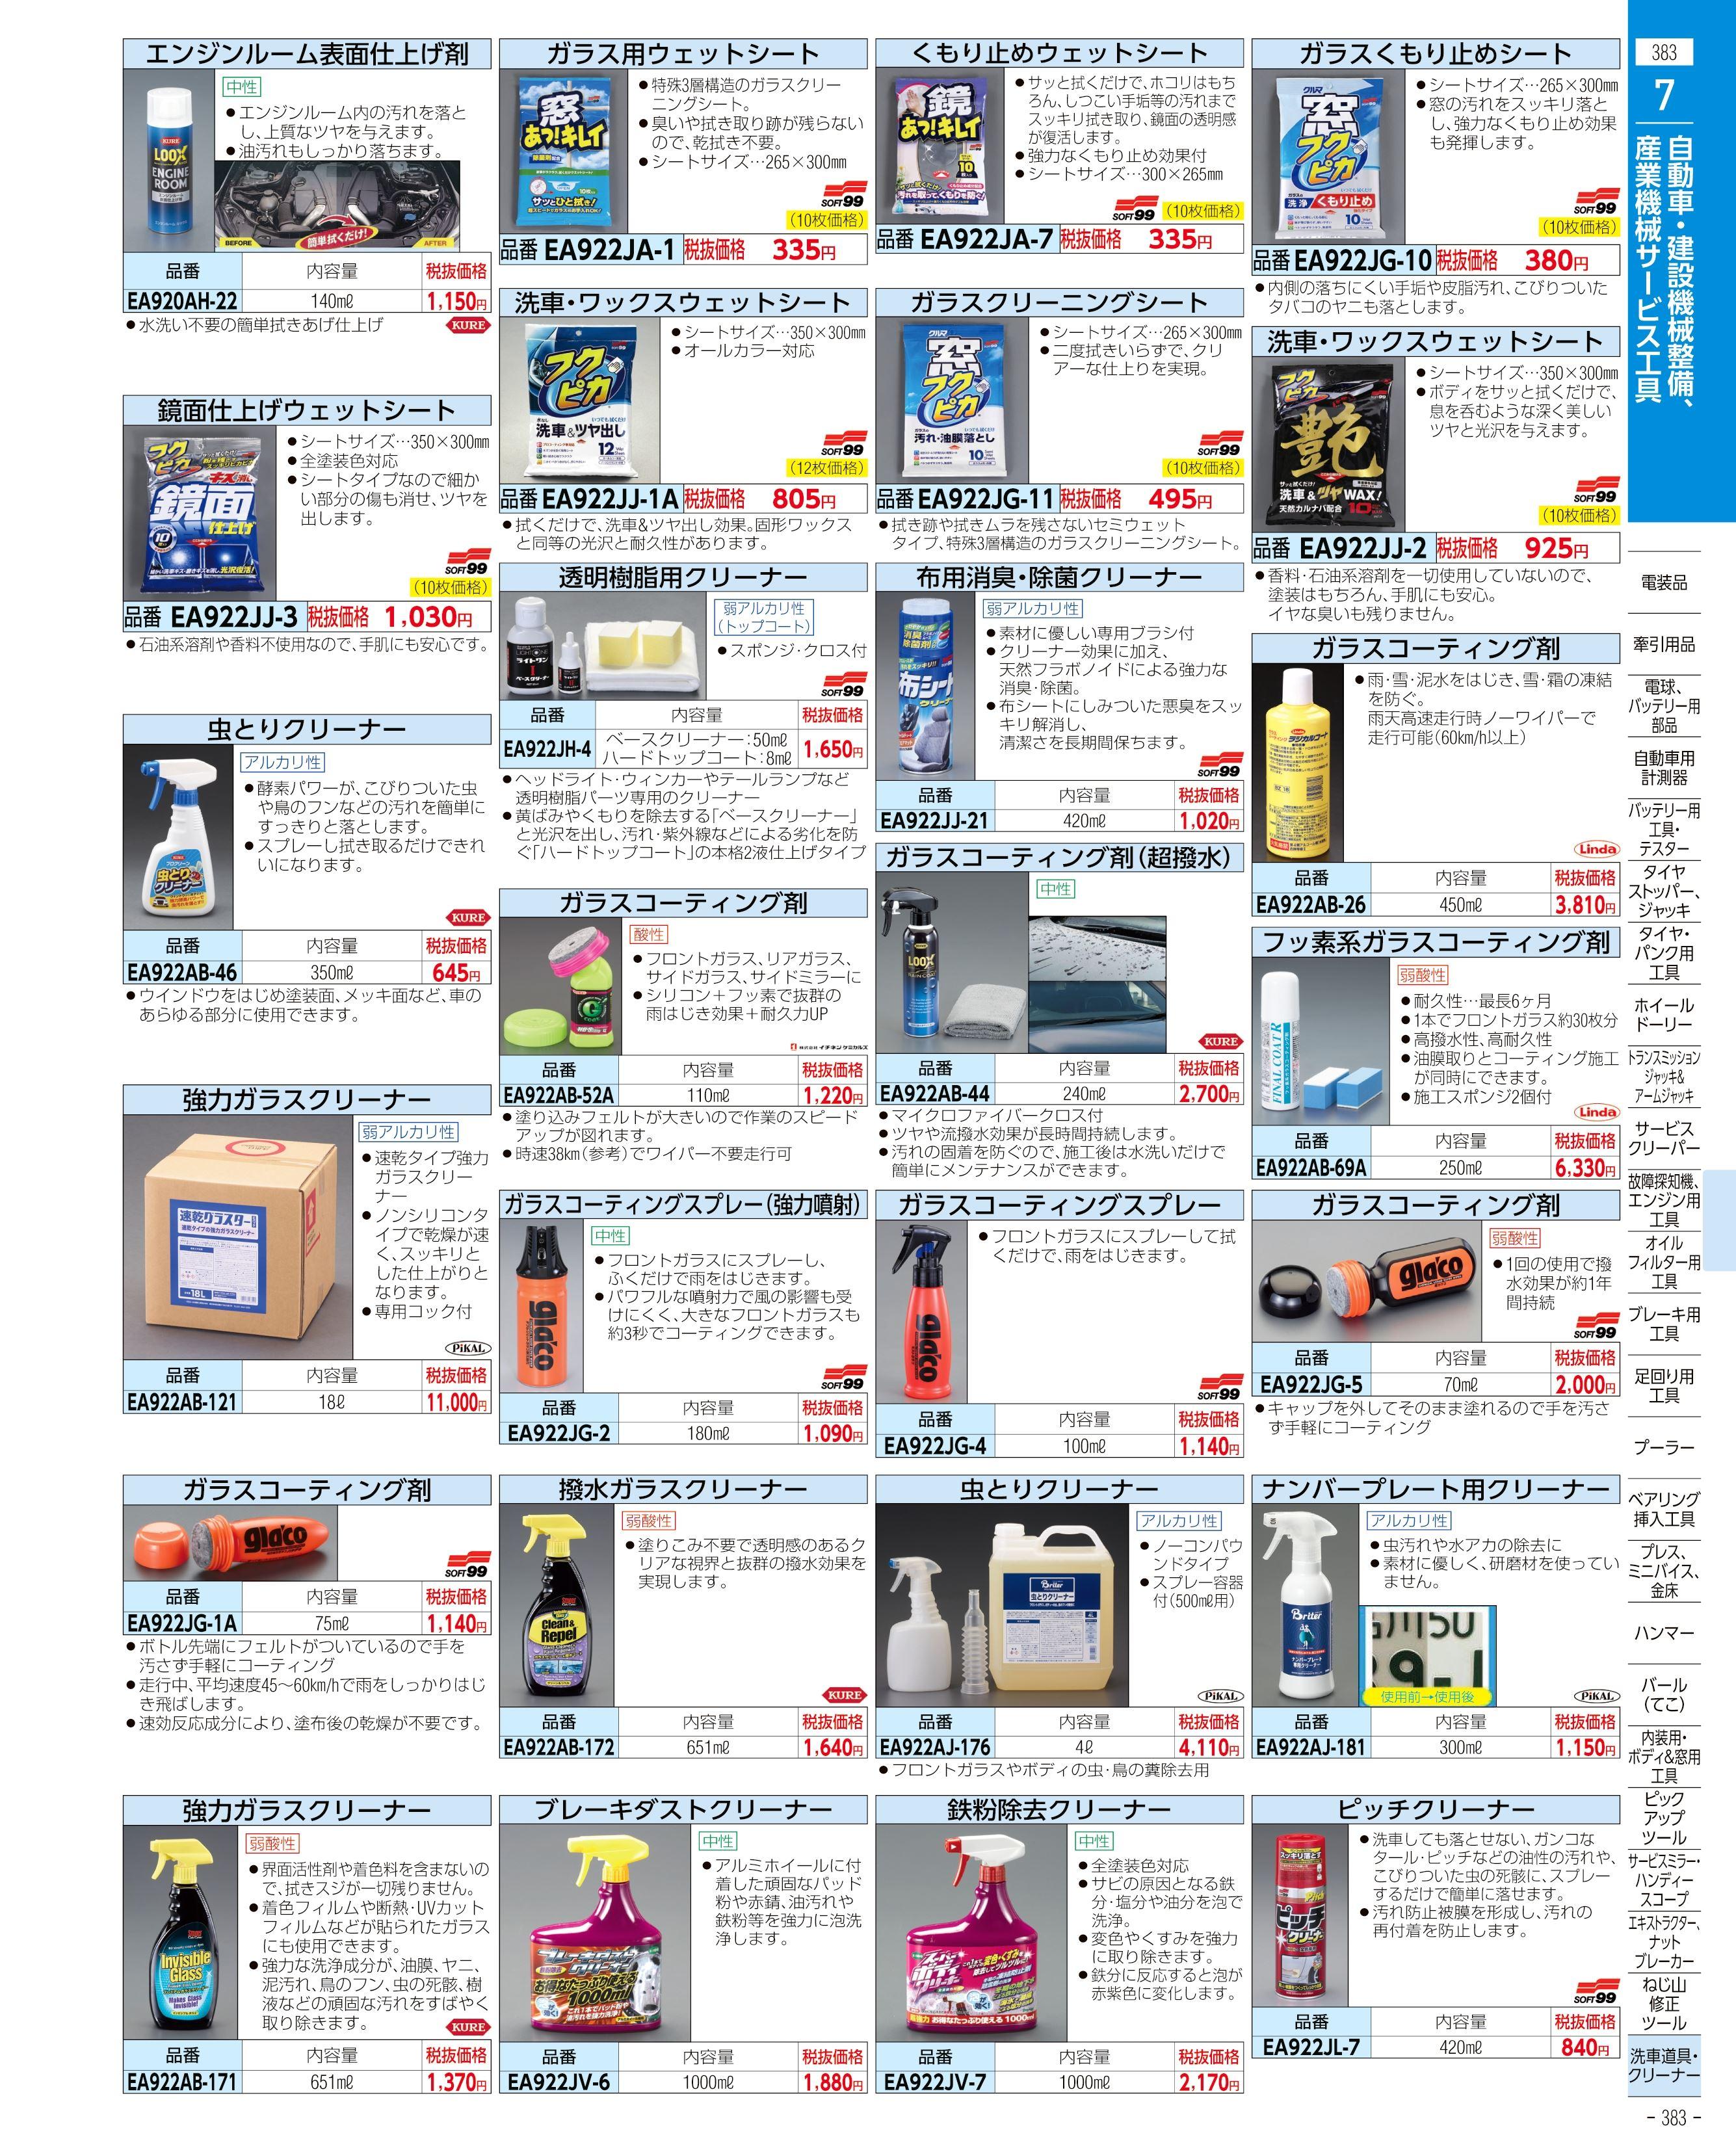 エスコ便利カタログ383ページ